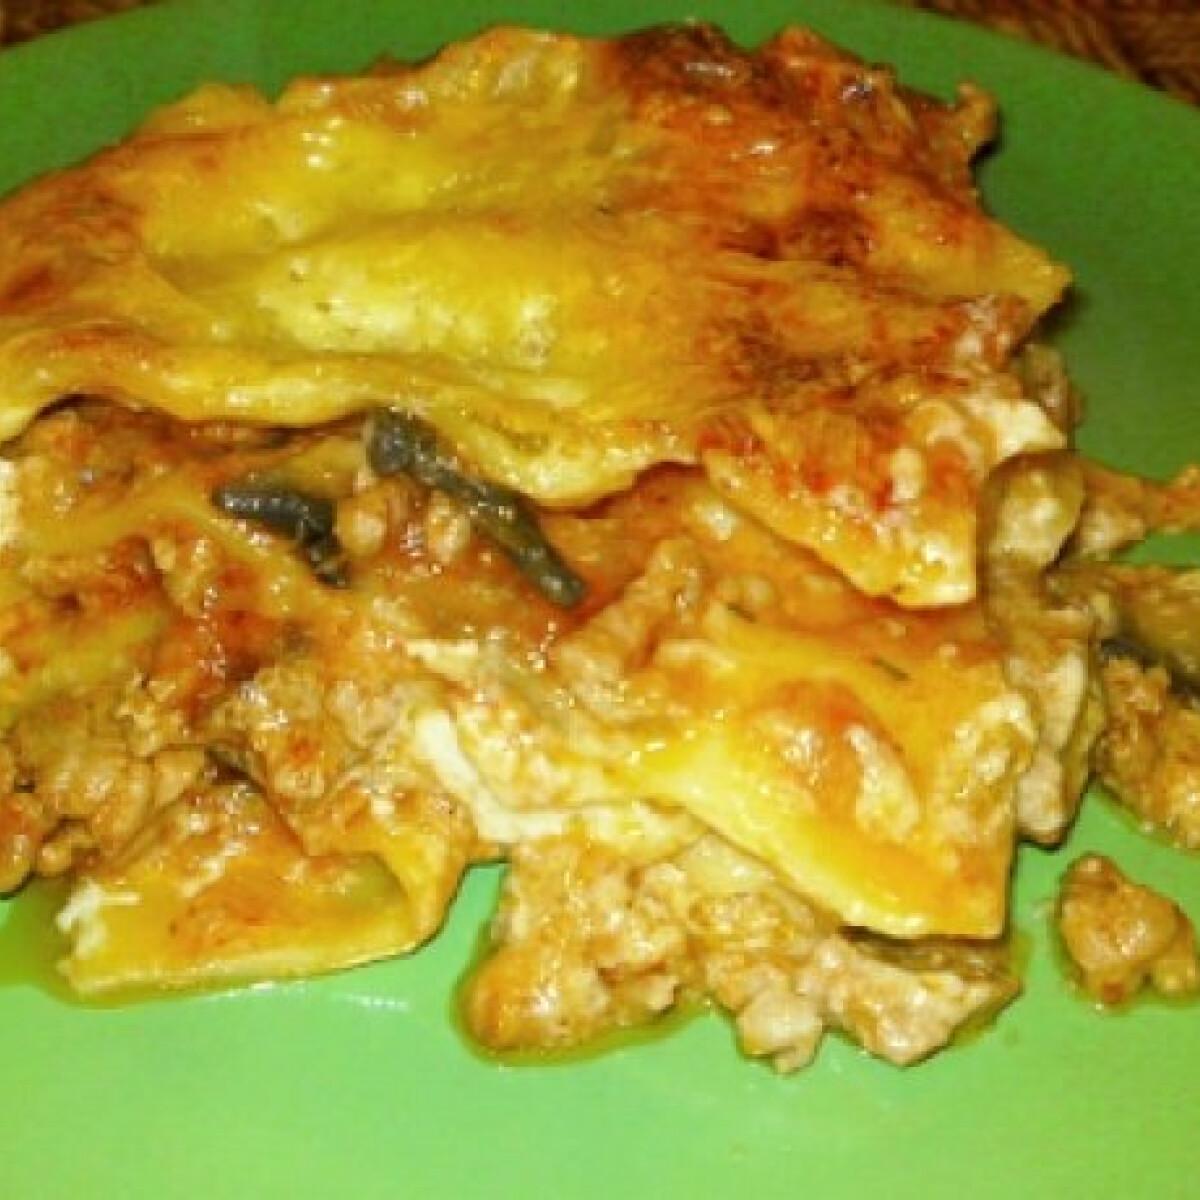 Zöldséges-húsos lasagne